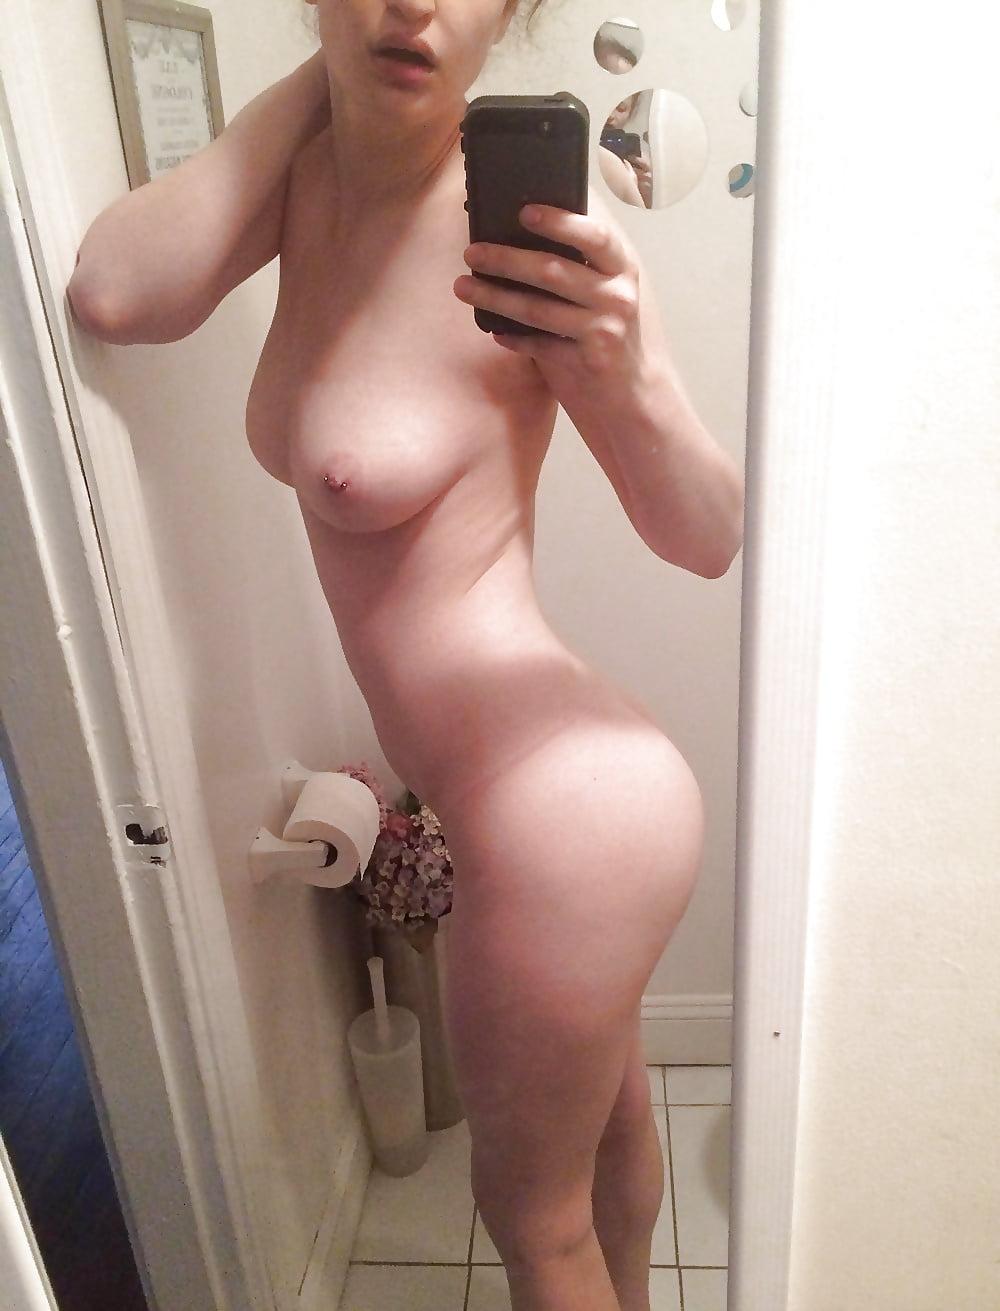 Naked selfshot pants unzipped — 11